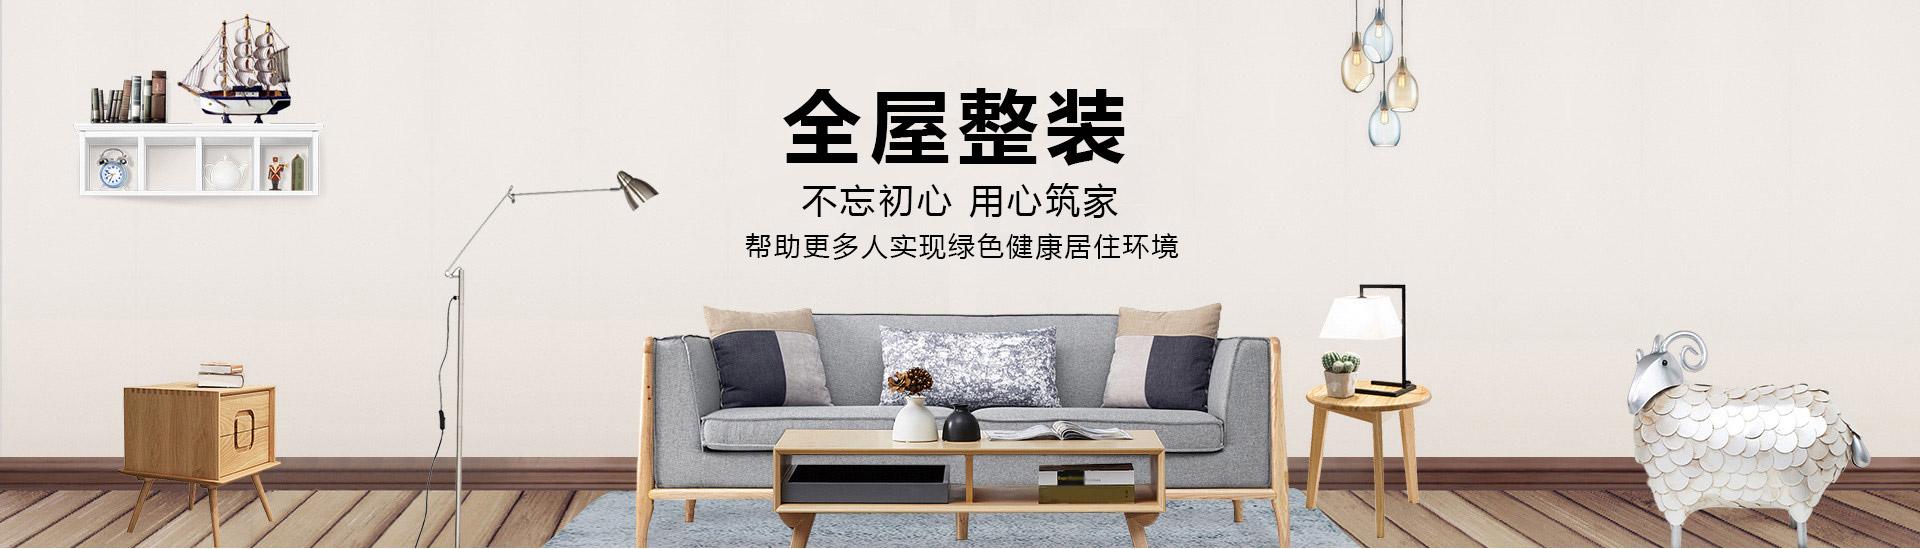 固安装修哪个装修公司比较好-北京唐人装饰